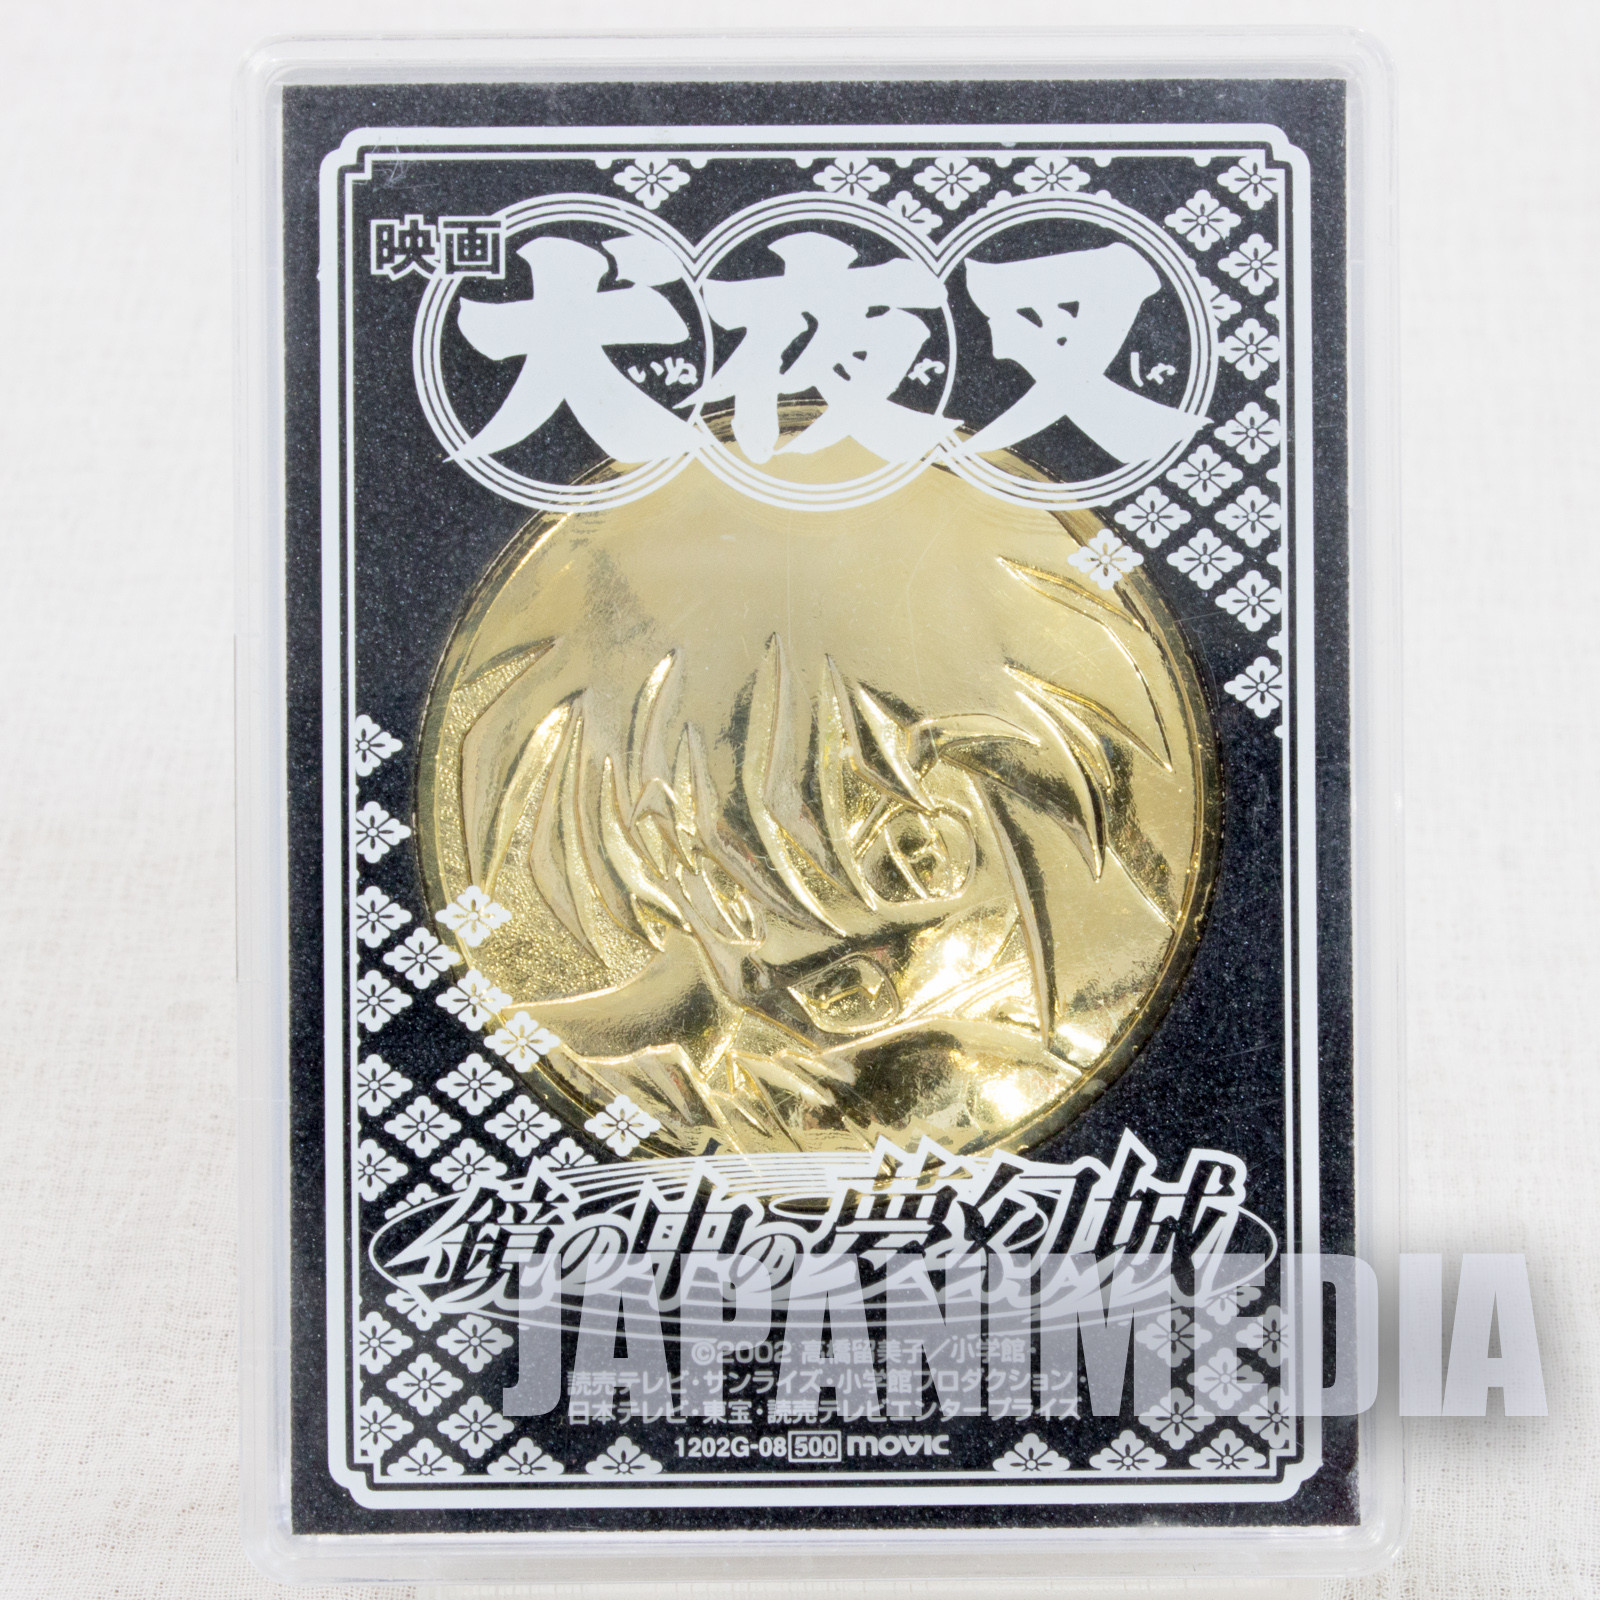 Inuyasha the Movie Golden Medal Movic JAPAN ANIME MANGA TAKAHASHI RUMIKO 2